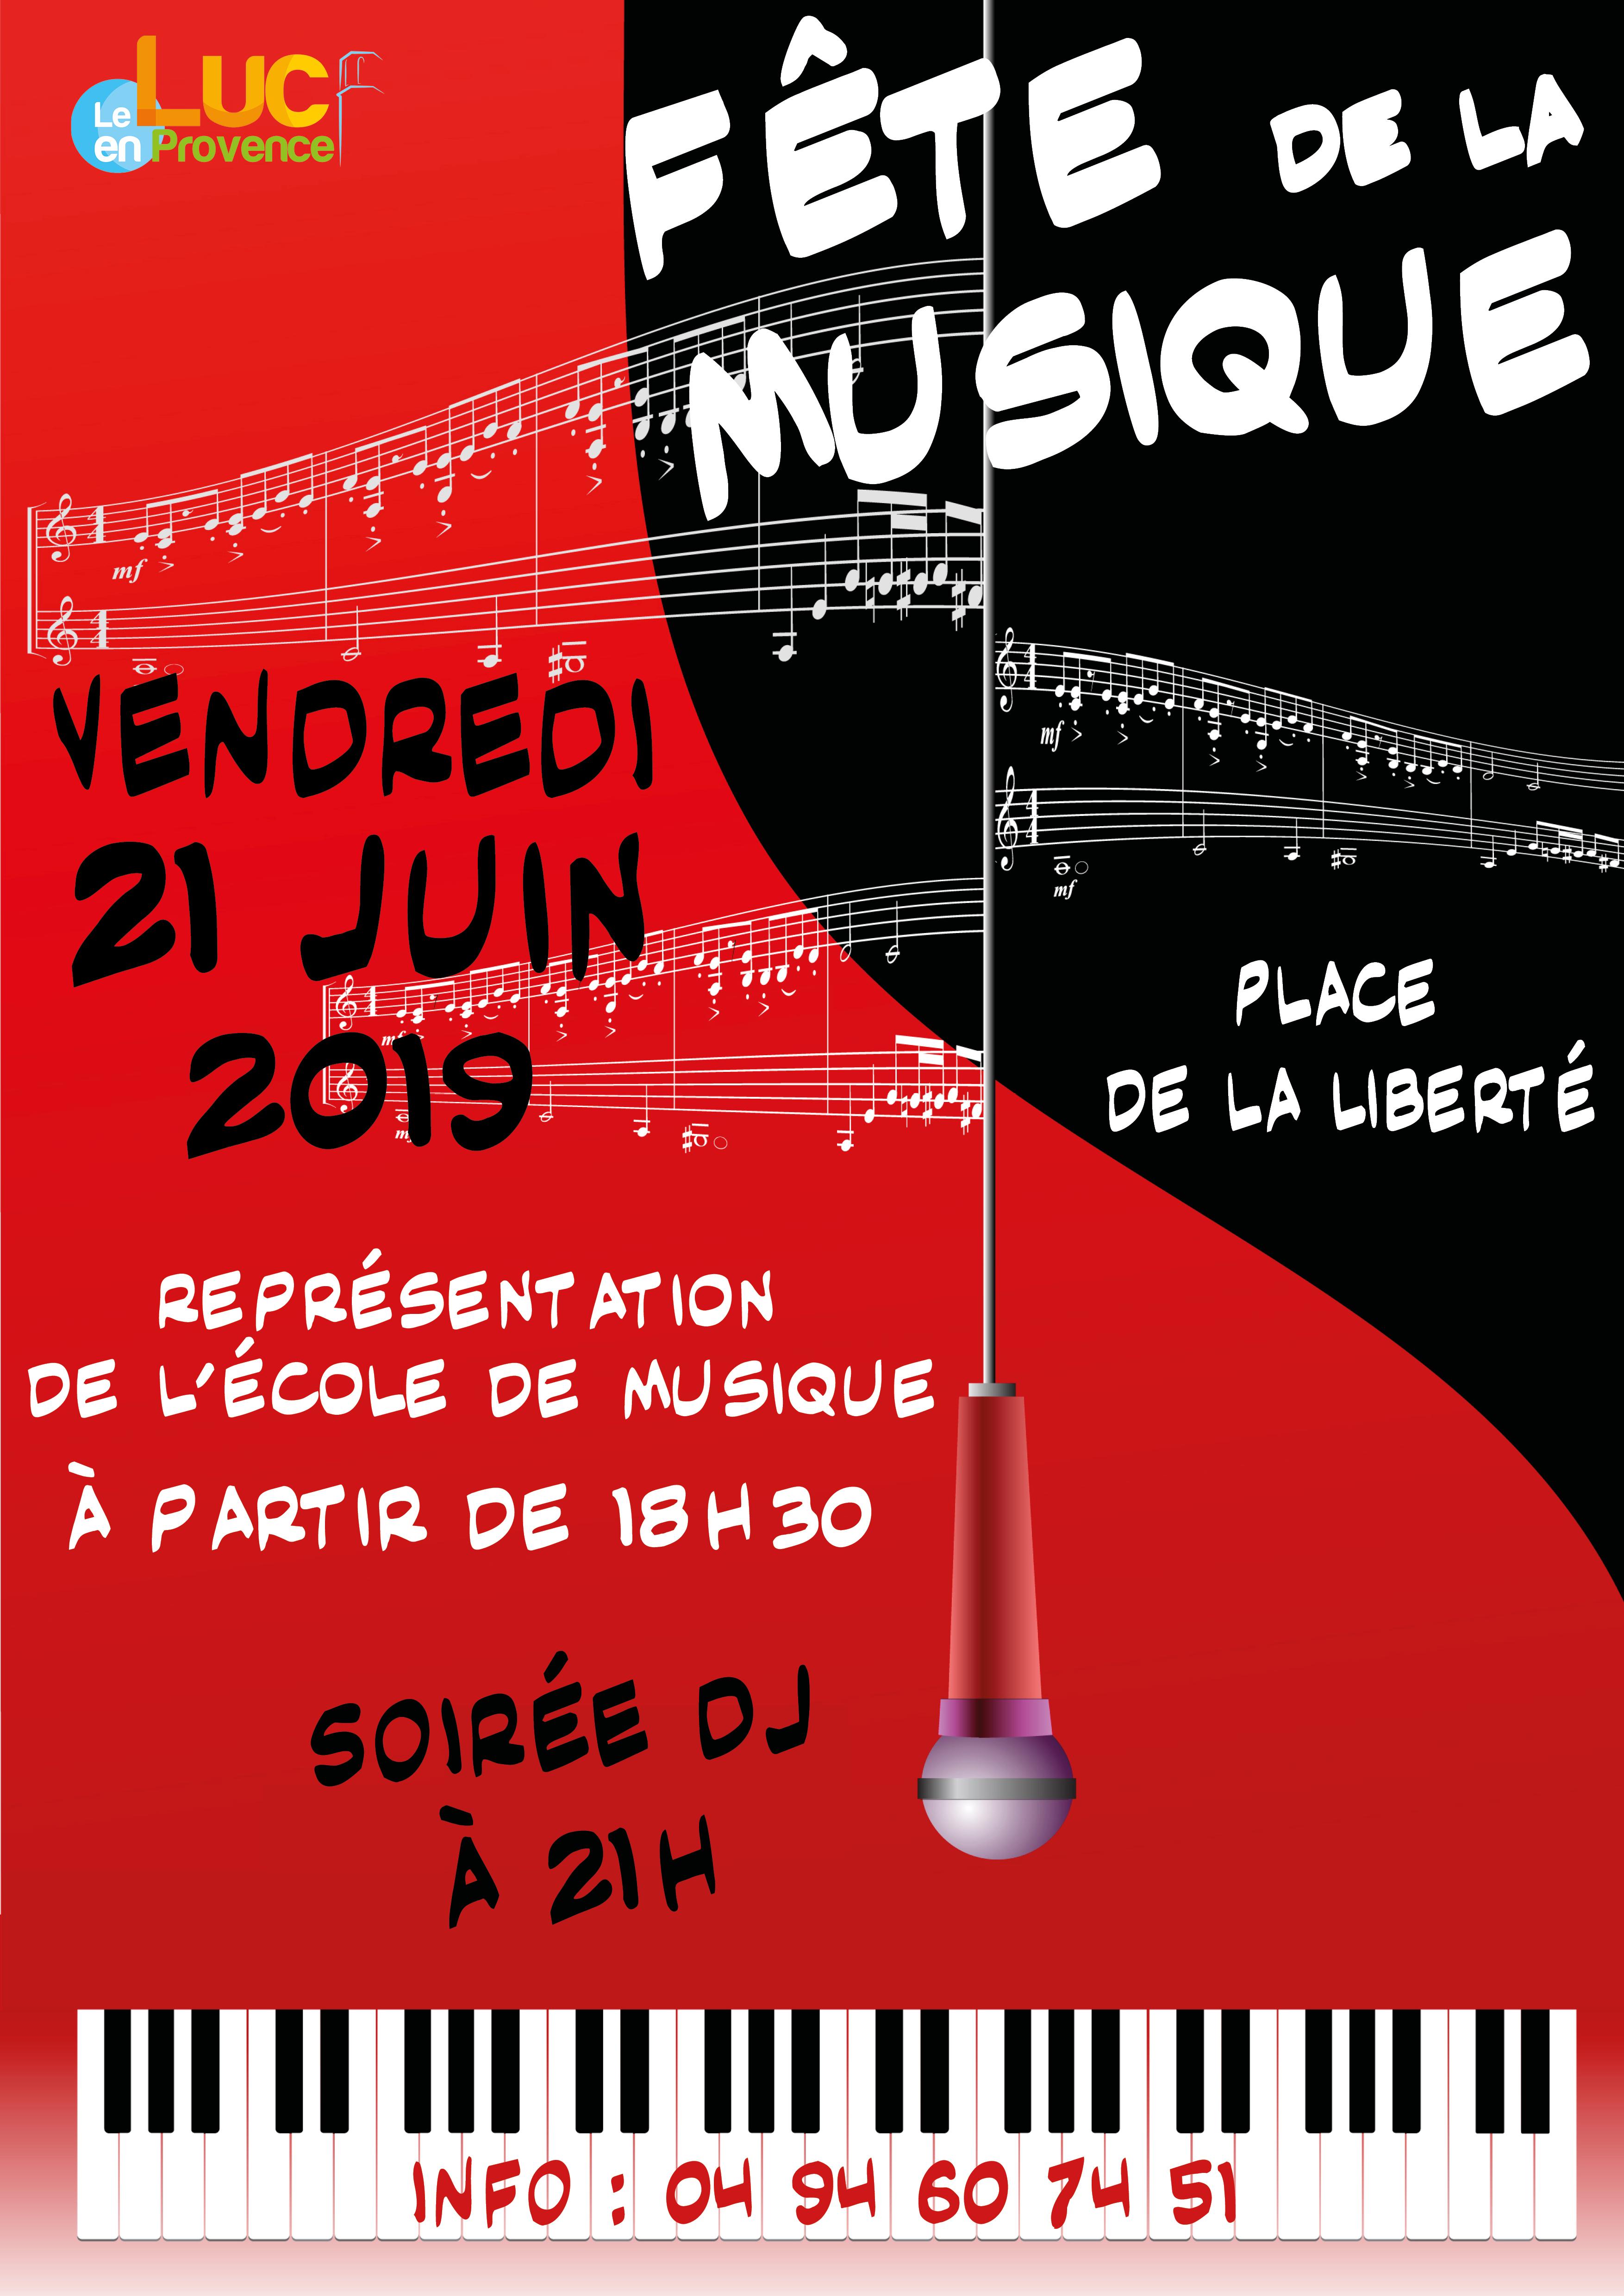 Vendredi 21 juin, Fête de la musique